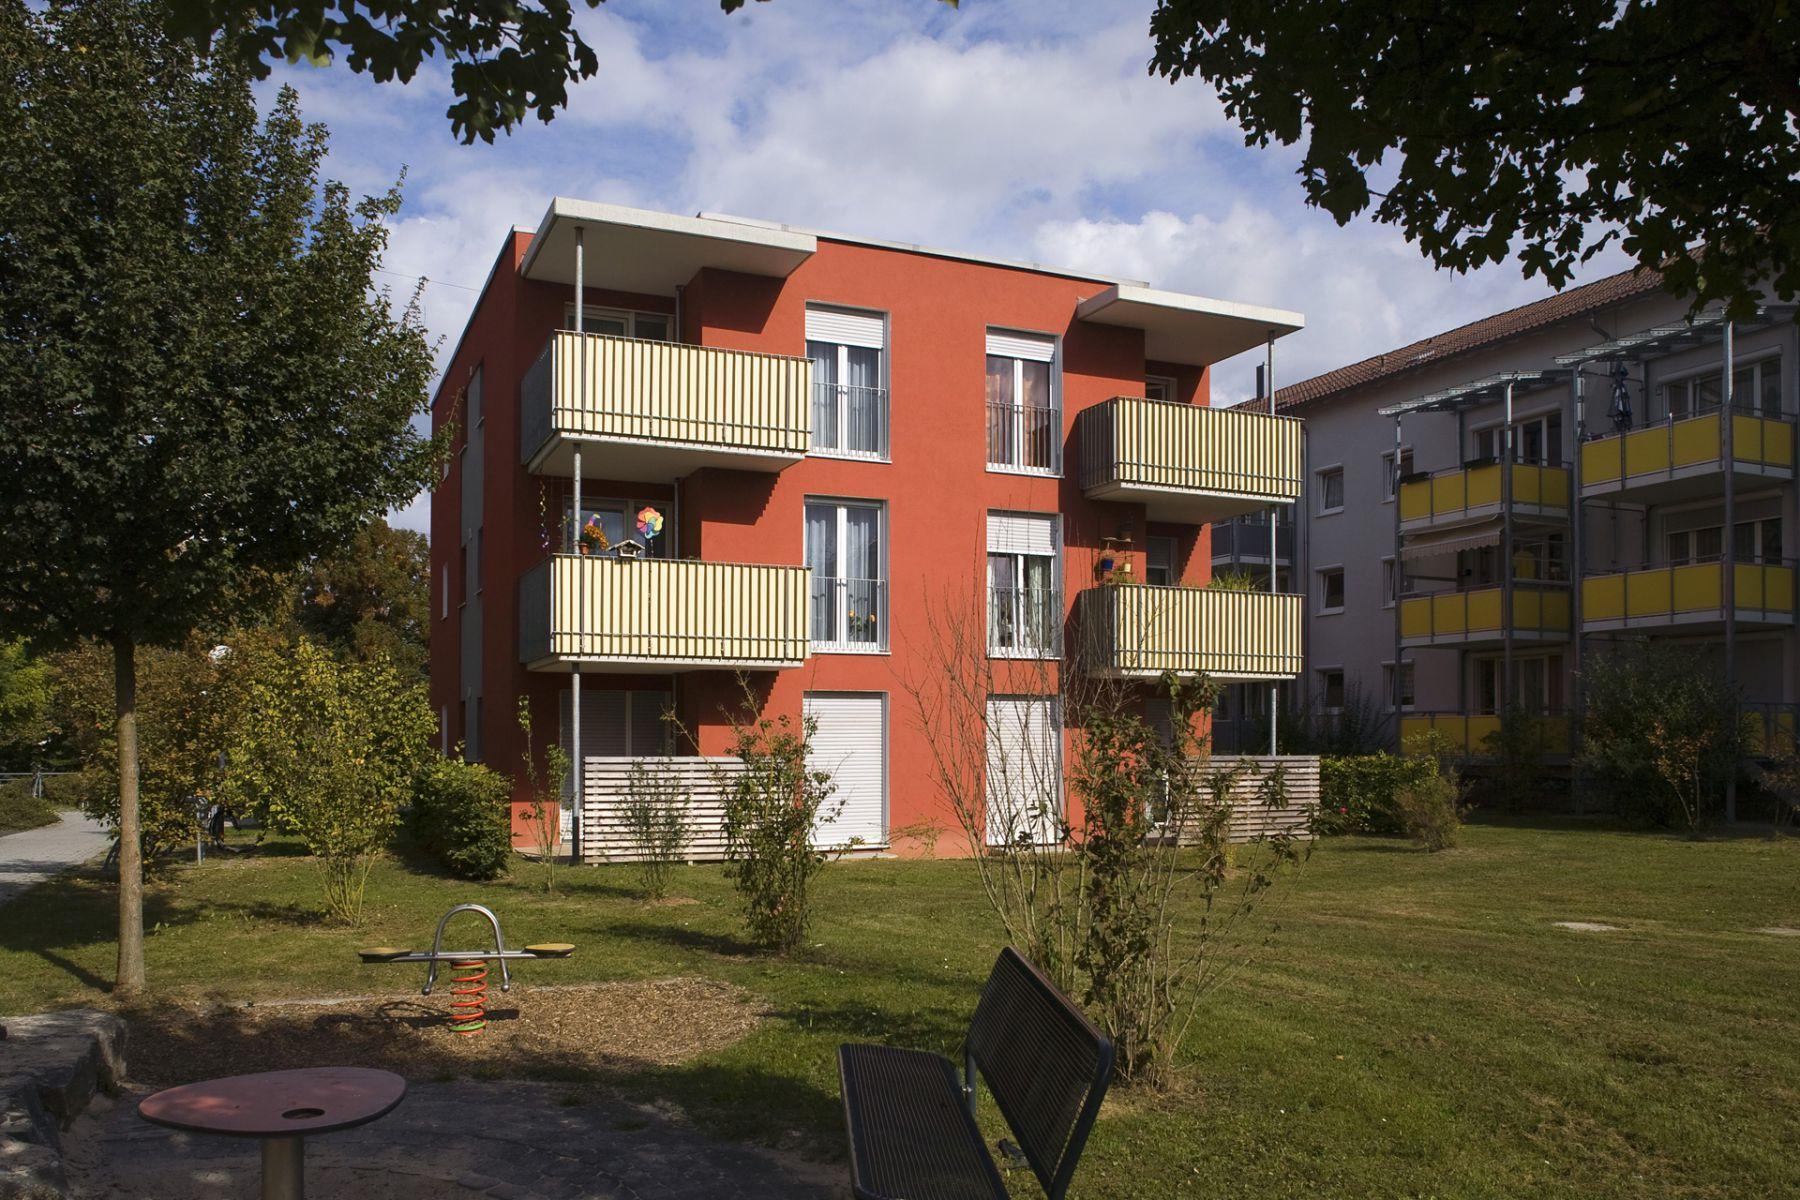 Sozialwohnung Swsg Stuttgarter Wohnungs Und Städtebaugesellschaft Mbh